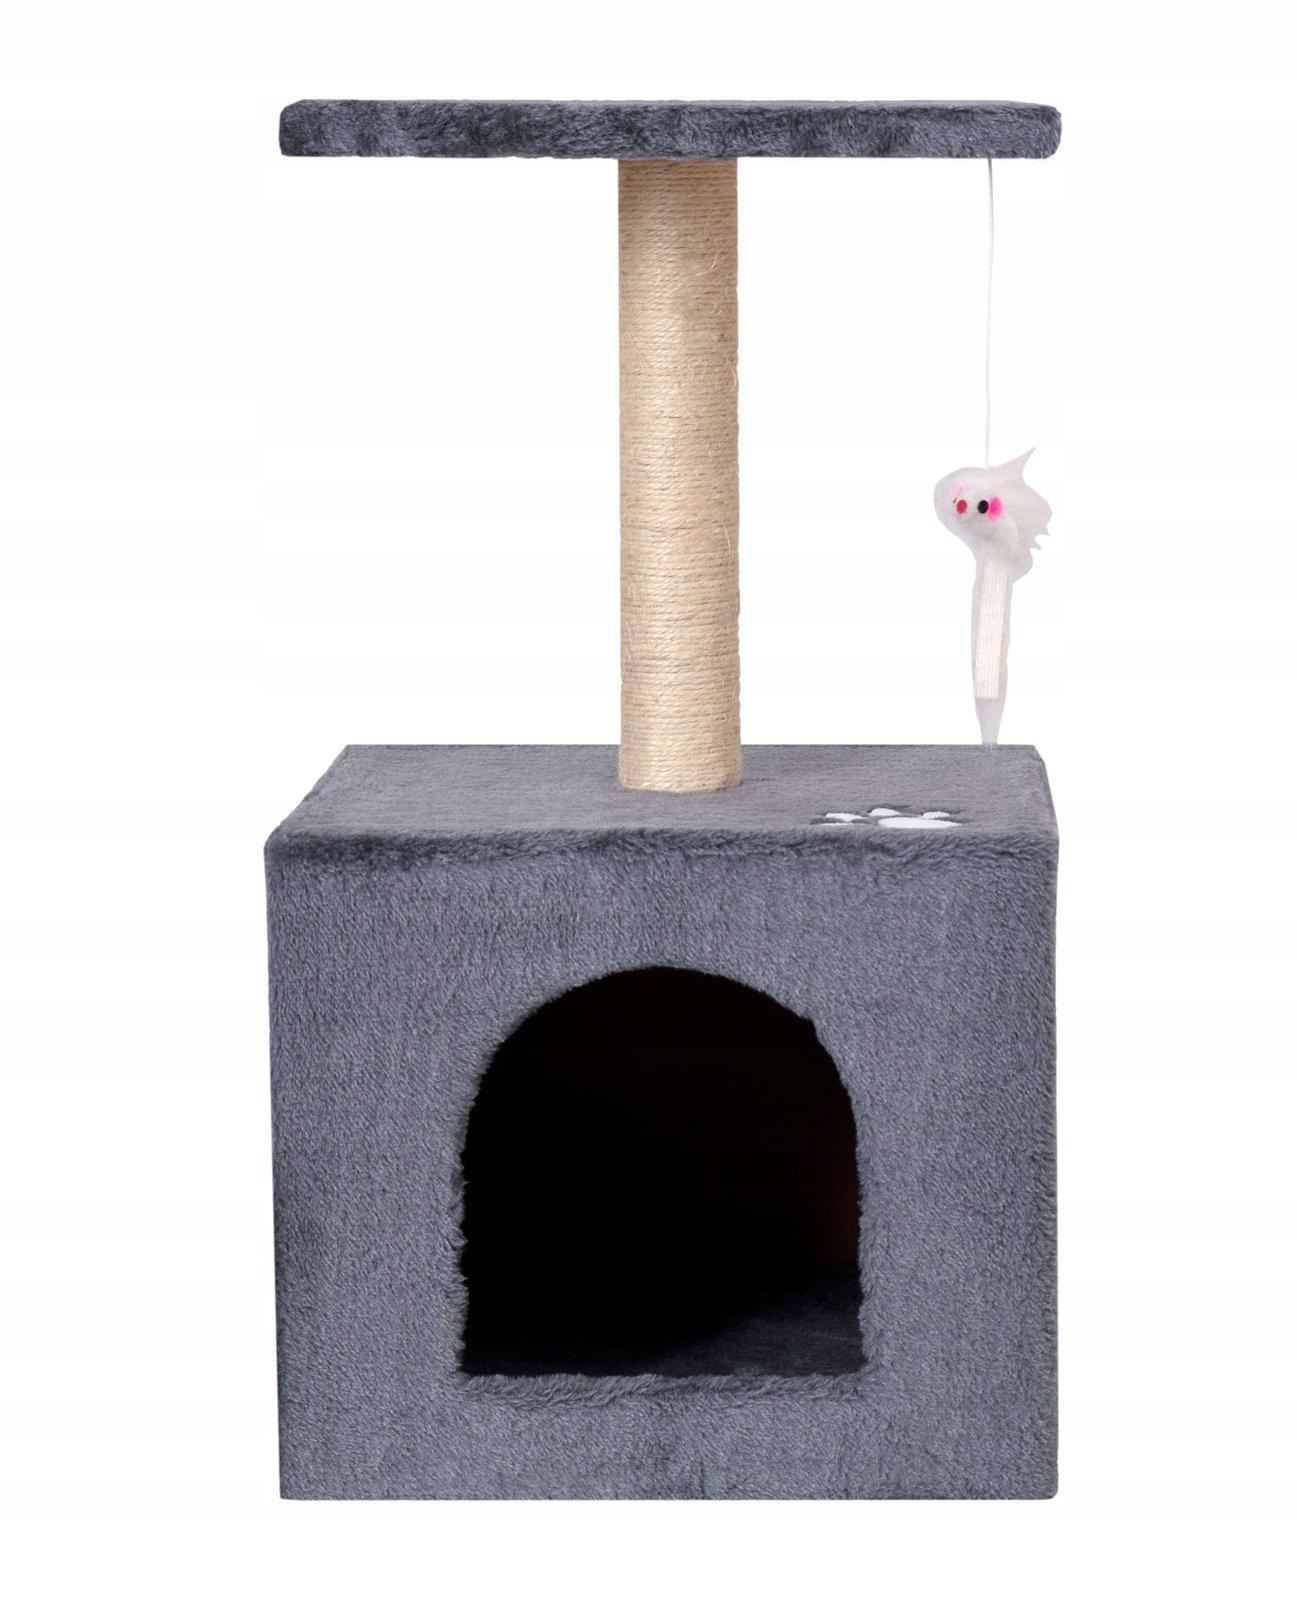 Stánok na mačky pre mačky na dom, 3 úrovne, 56 cm dominantný vzor bez vzoru